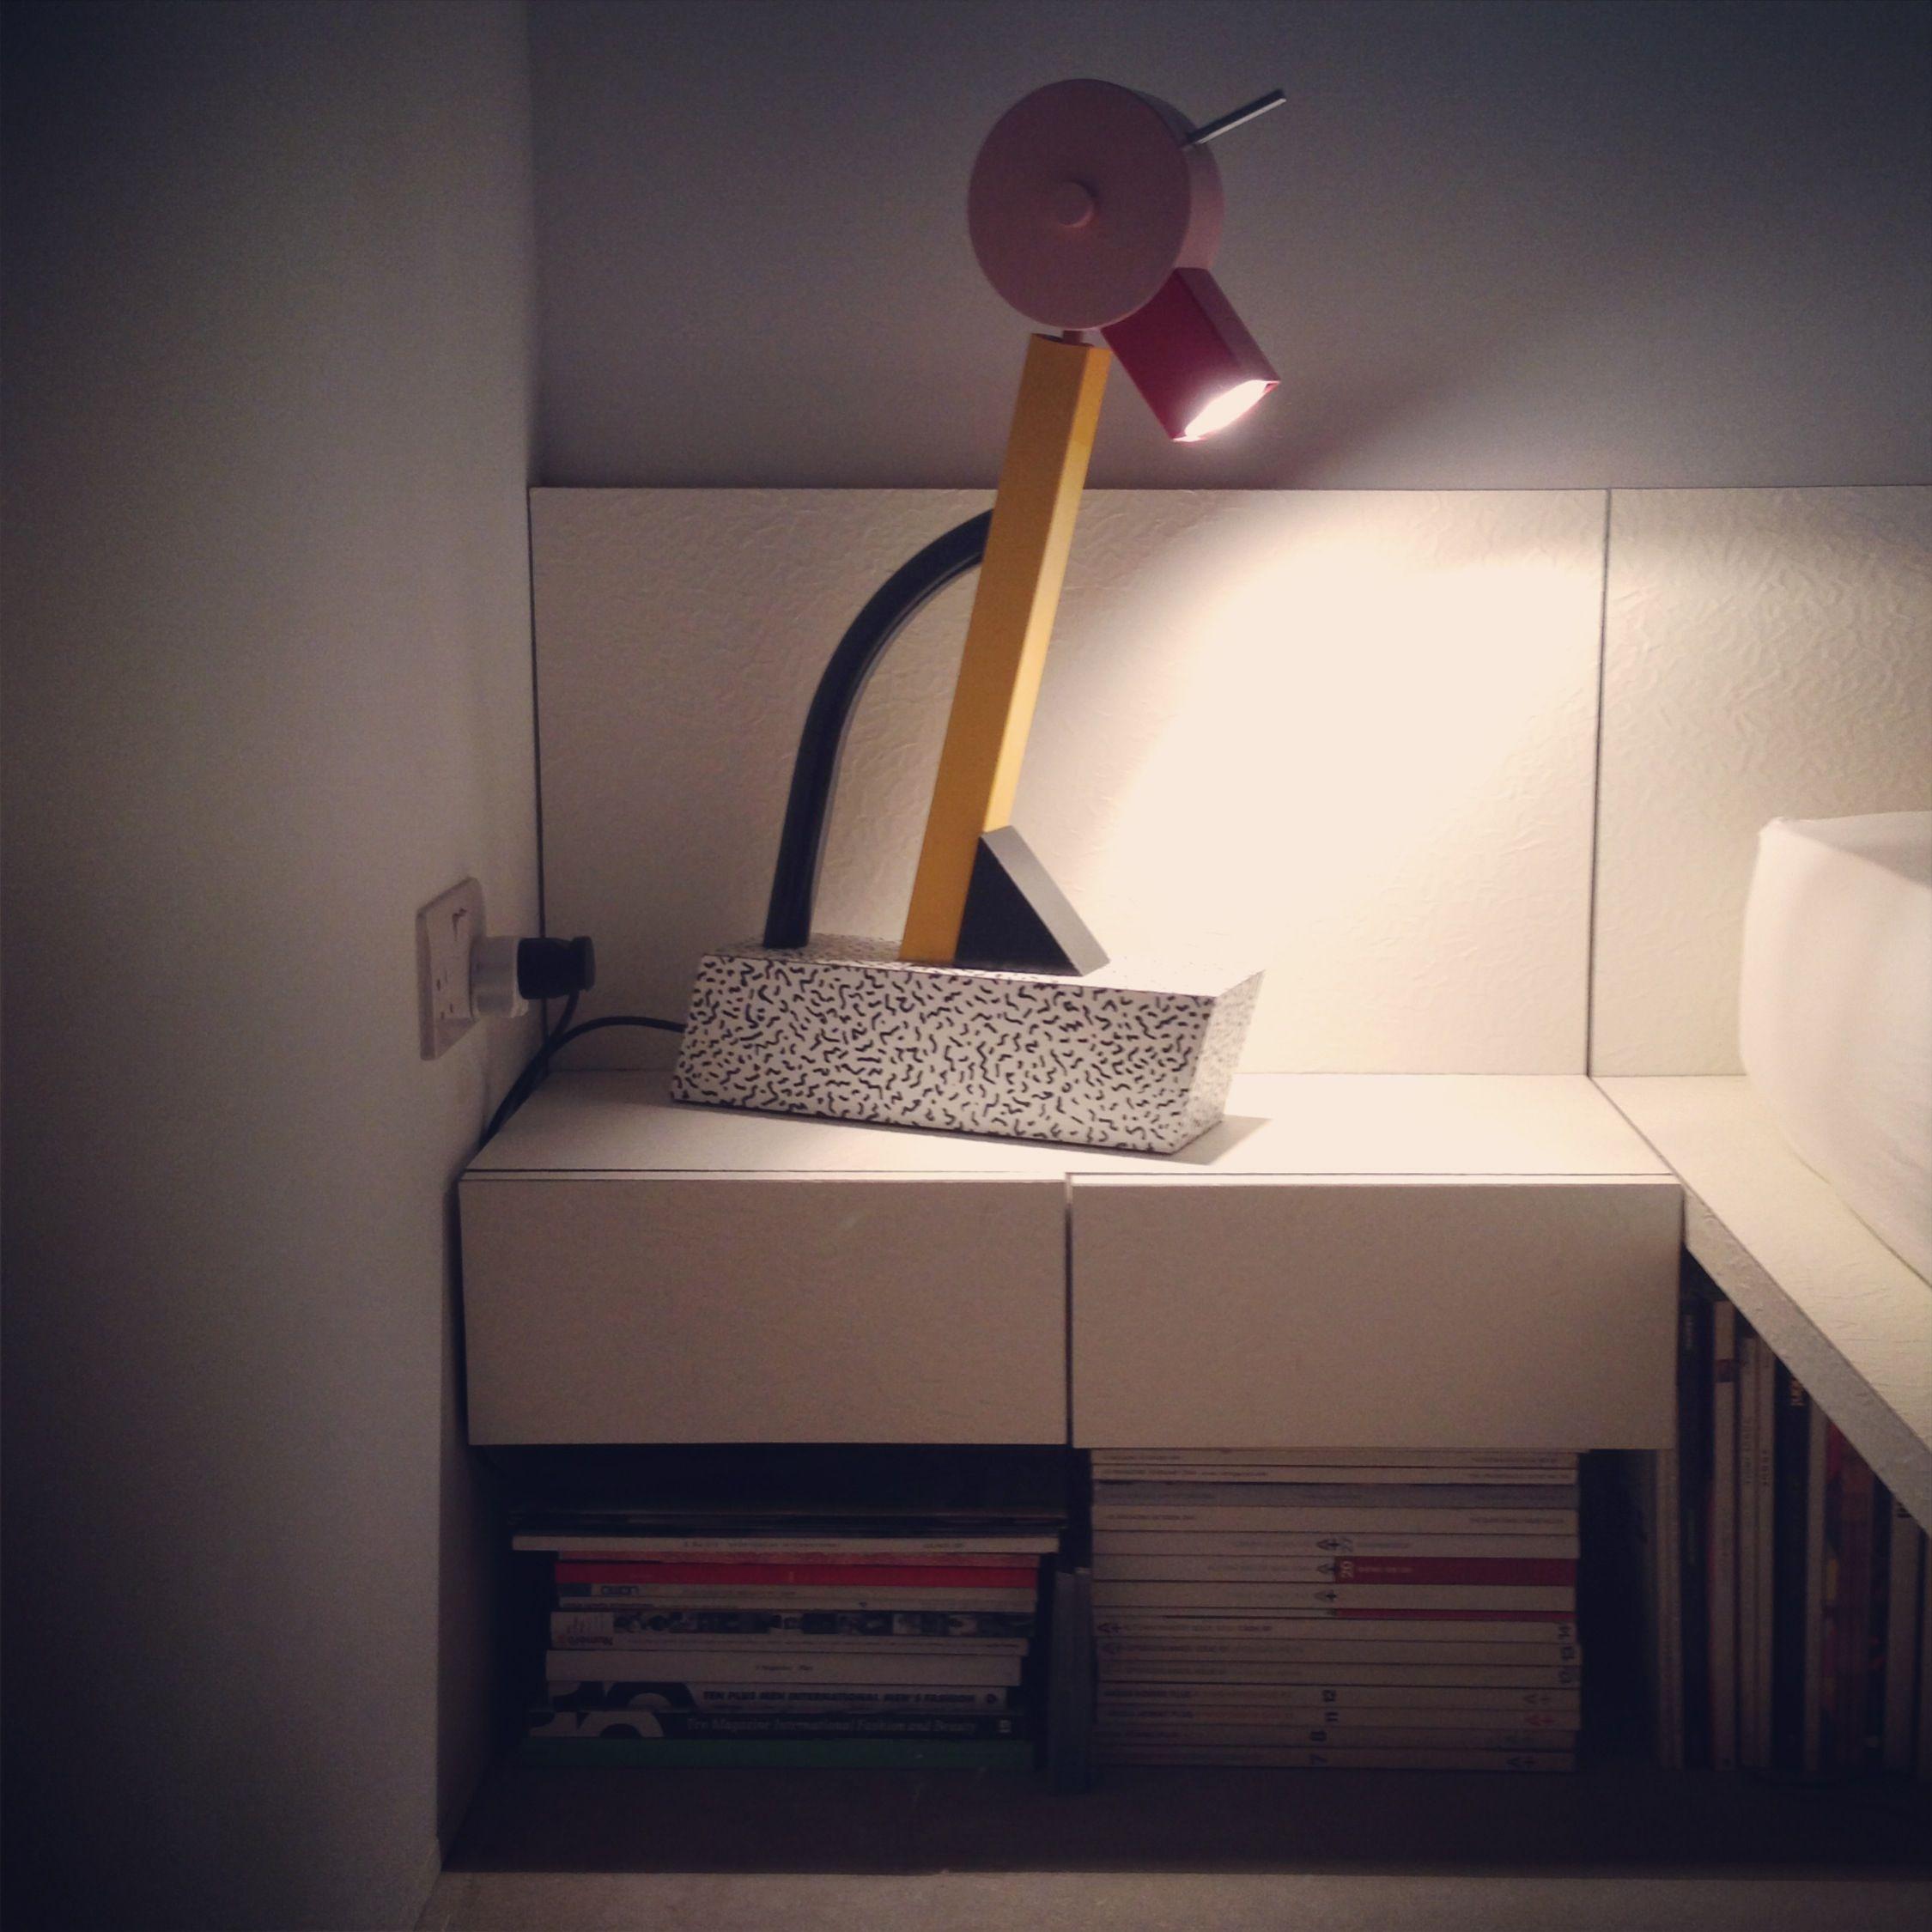 Bedside Memphis Lamp Objects Furniture Muebles Pinterest  # Muebles Memphis